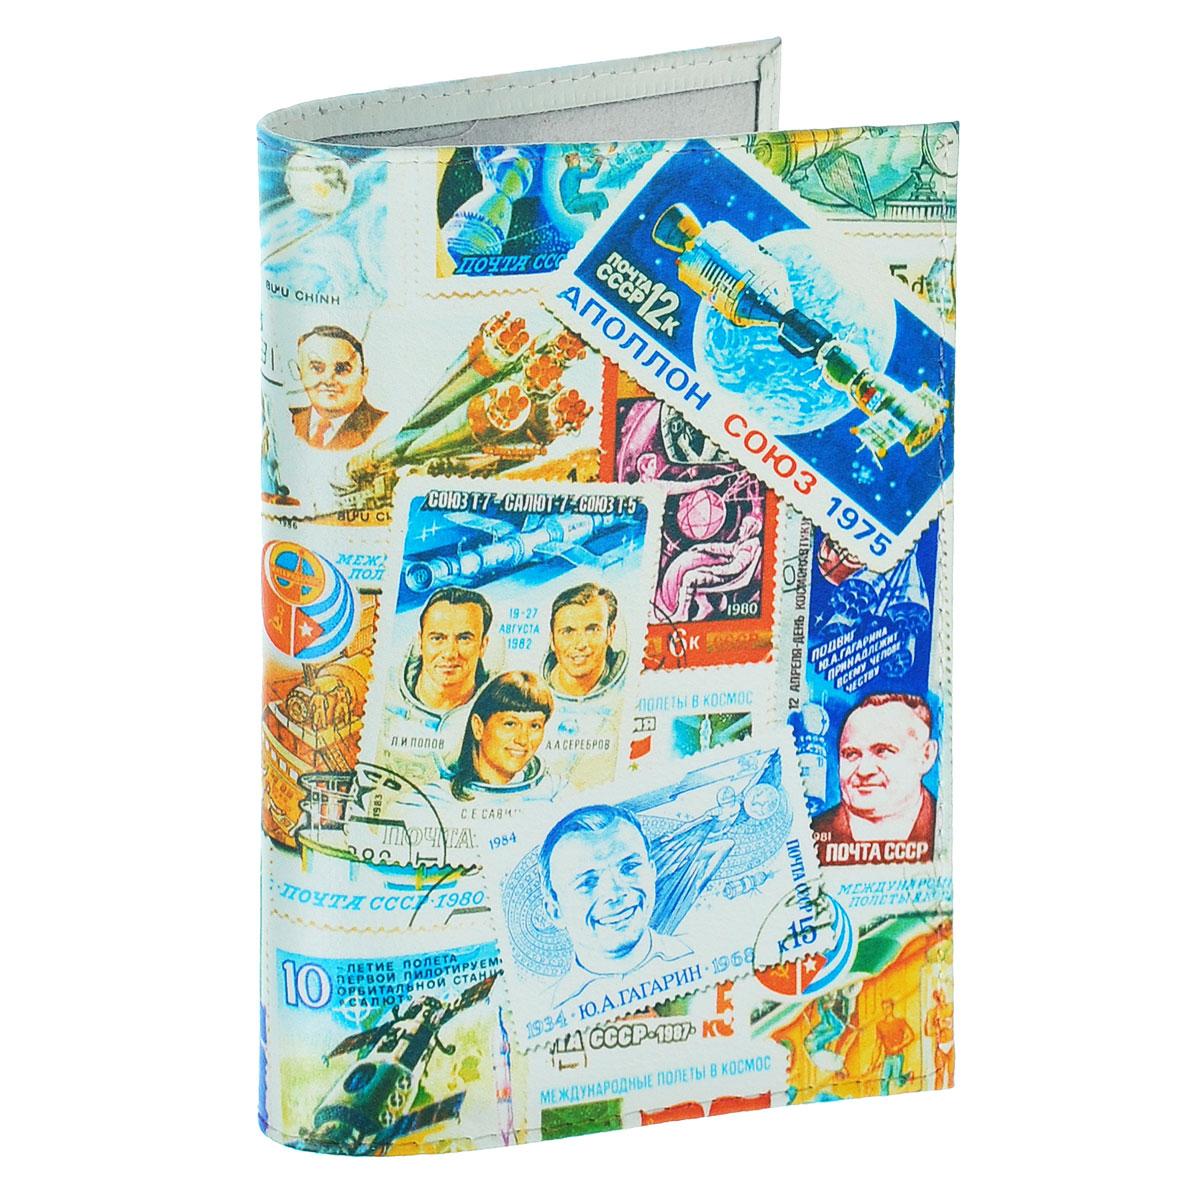 Обложка для паспорта Космос (марки). OK271Натуральная кожаОбложка для паспорта Mitya Veselkov Космос. Марки выполнена из натуральной кожи и оформлена изображениями почтовых марок с космической тематикой. Такая обложка не только поможет сохранить внешний вид ваших документов и защитит их от повреждений, но и станет стильным аксессуаром, идеально подходящим вашему образу.Яркая и оригинальная обложка подчеркнет вашу индивидуальность и изысканный вкус. Обложка для паспорта стильного дизайна может быть достойным и оригинальным подарком.